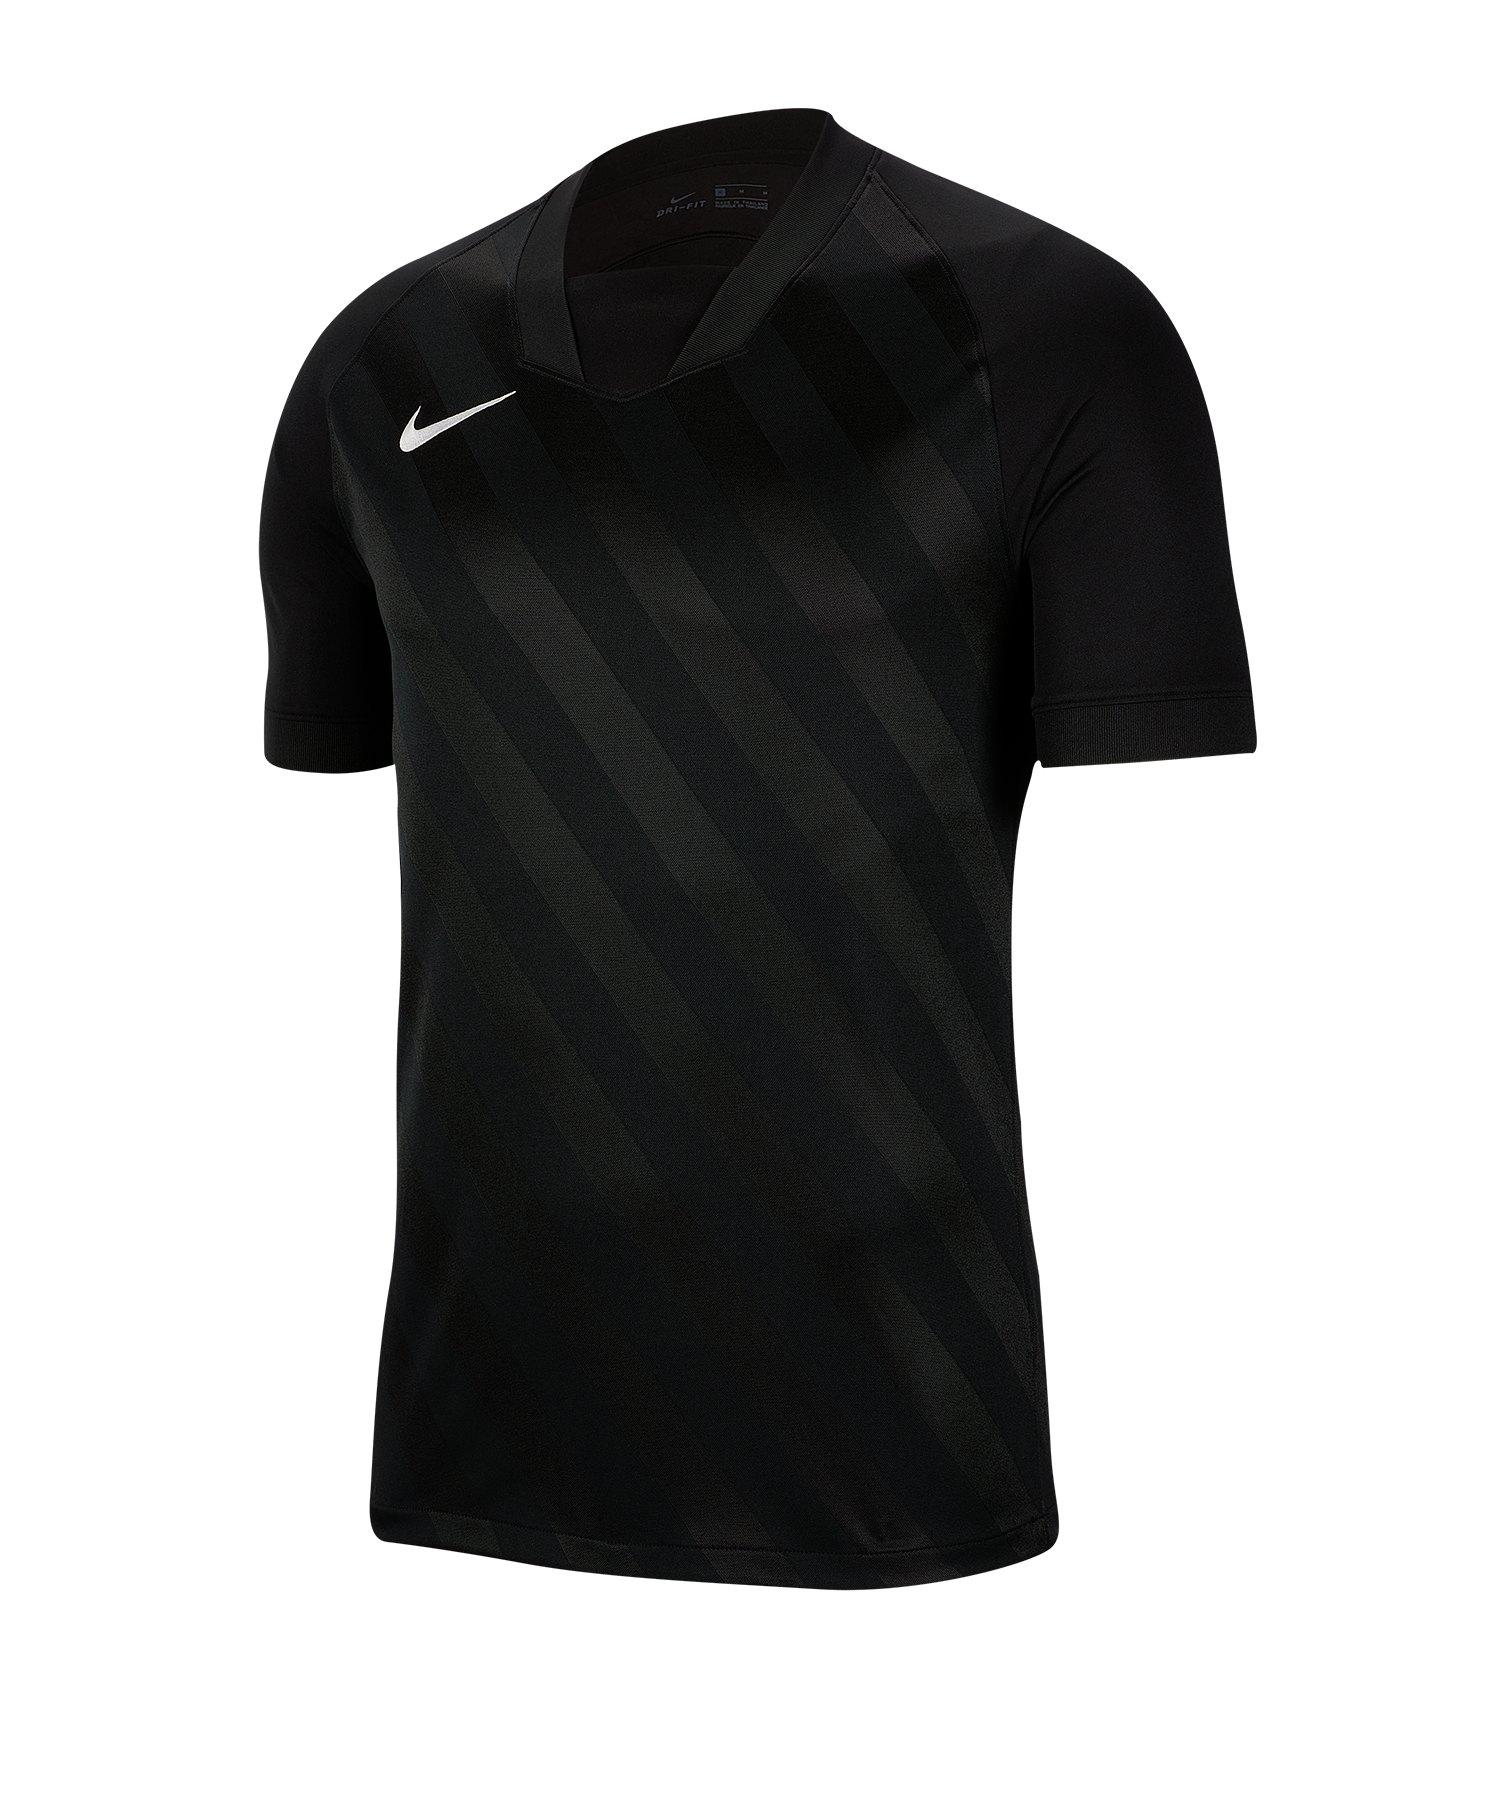 Nike Challenge III Trikot kurzarm Schwarz F010 - schwarz